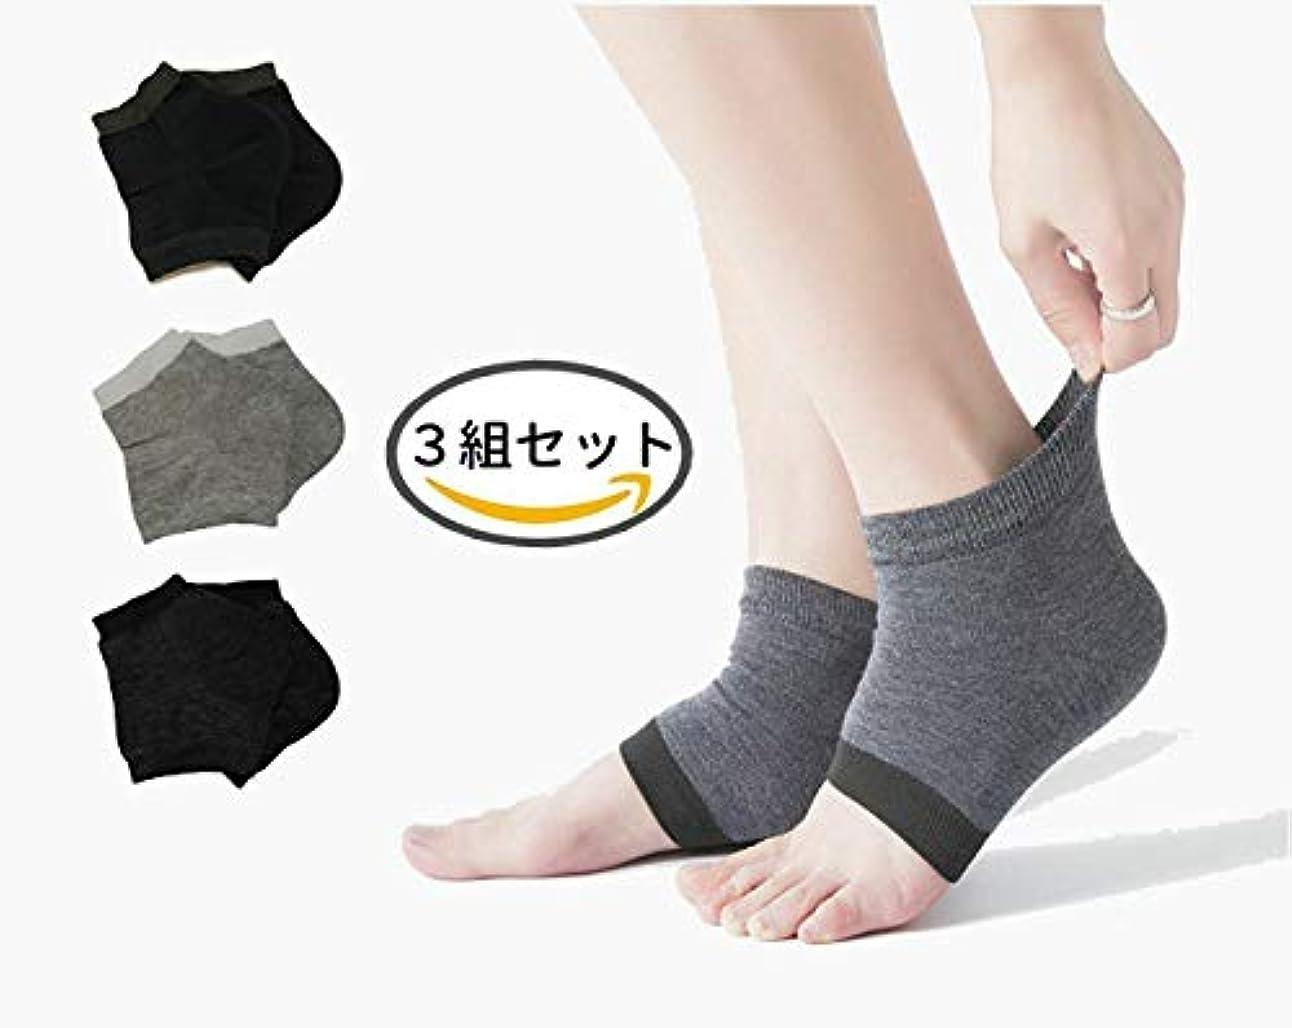 無秩序薬剤師ノミネートLumiele かかとつるつる 靴下 かかとケア かかとサポーター 3色セット